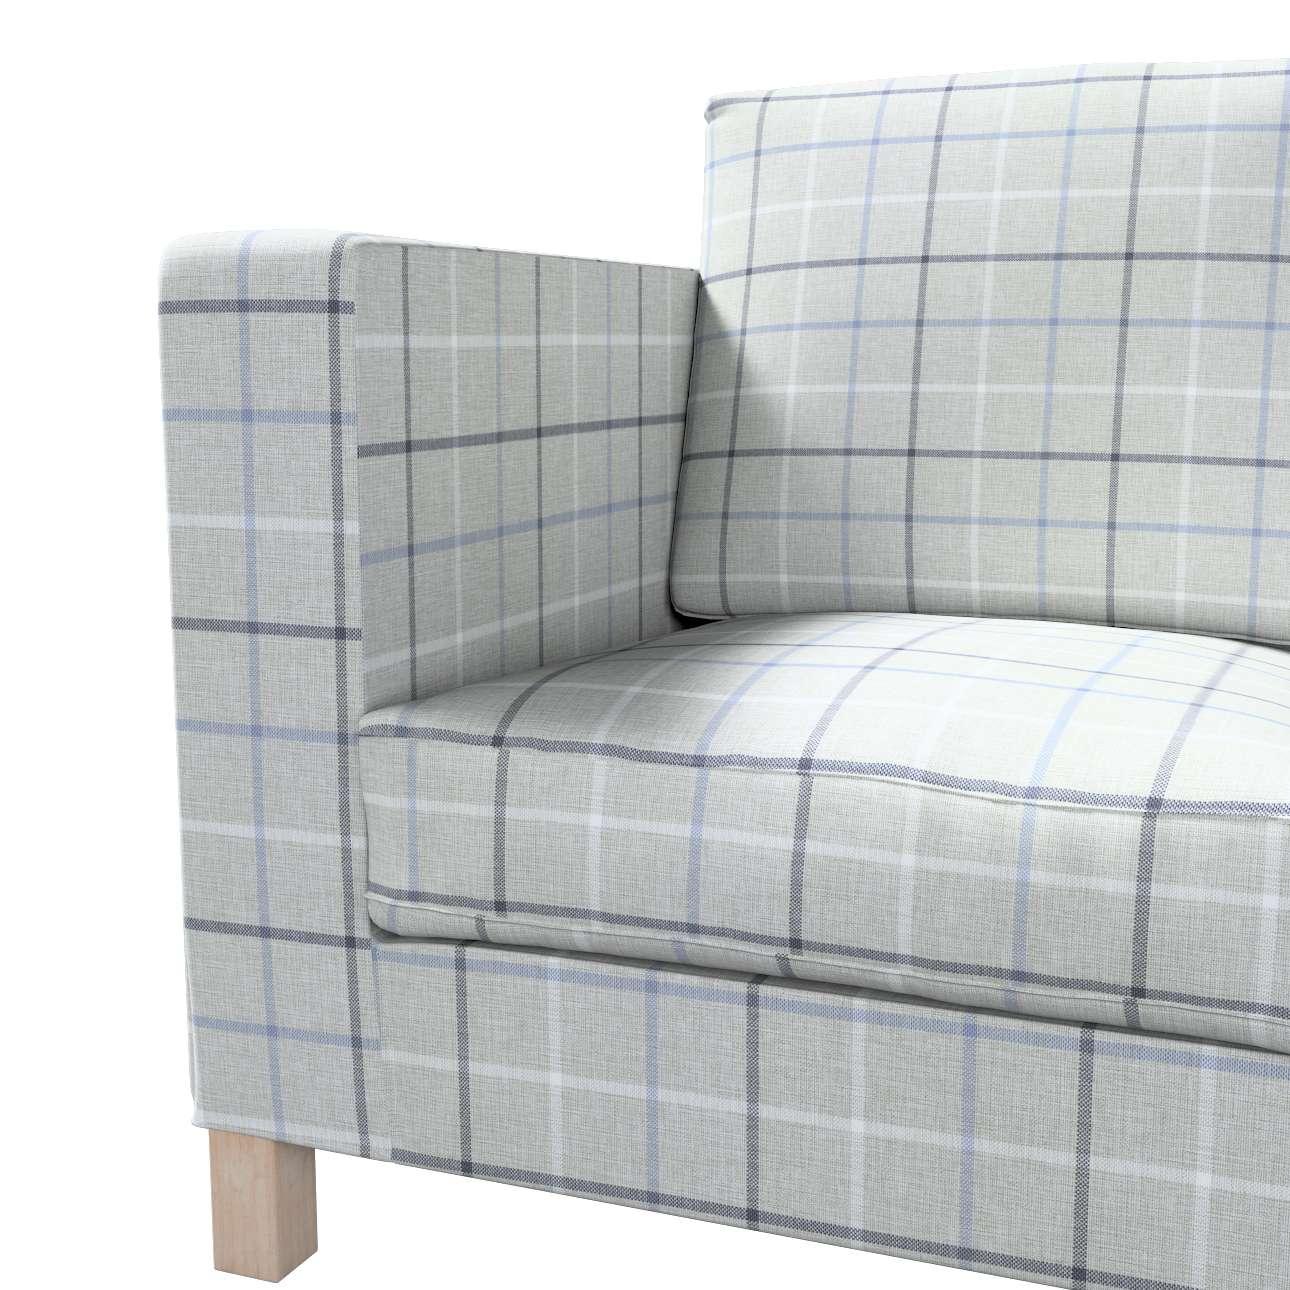 Pokrowiec na sofę Karlanda 3-osobową nierozkładaną, krótki w kolekcji Edinburgh, tkanina: 703-18